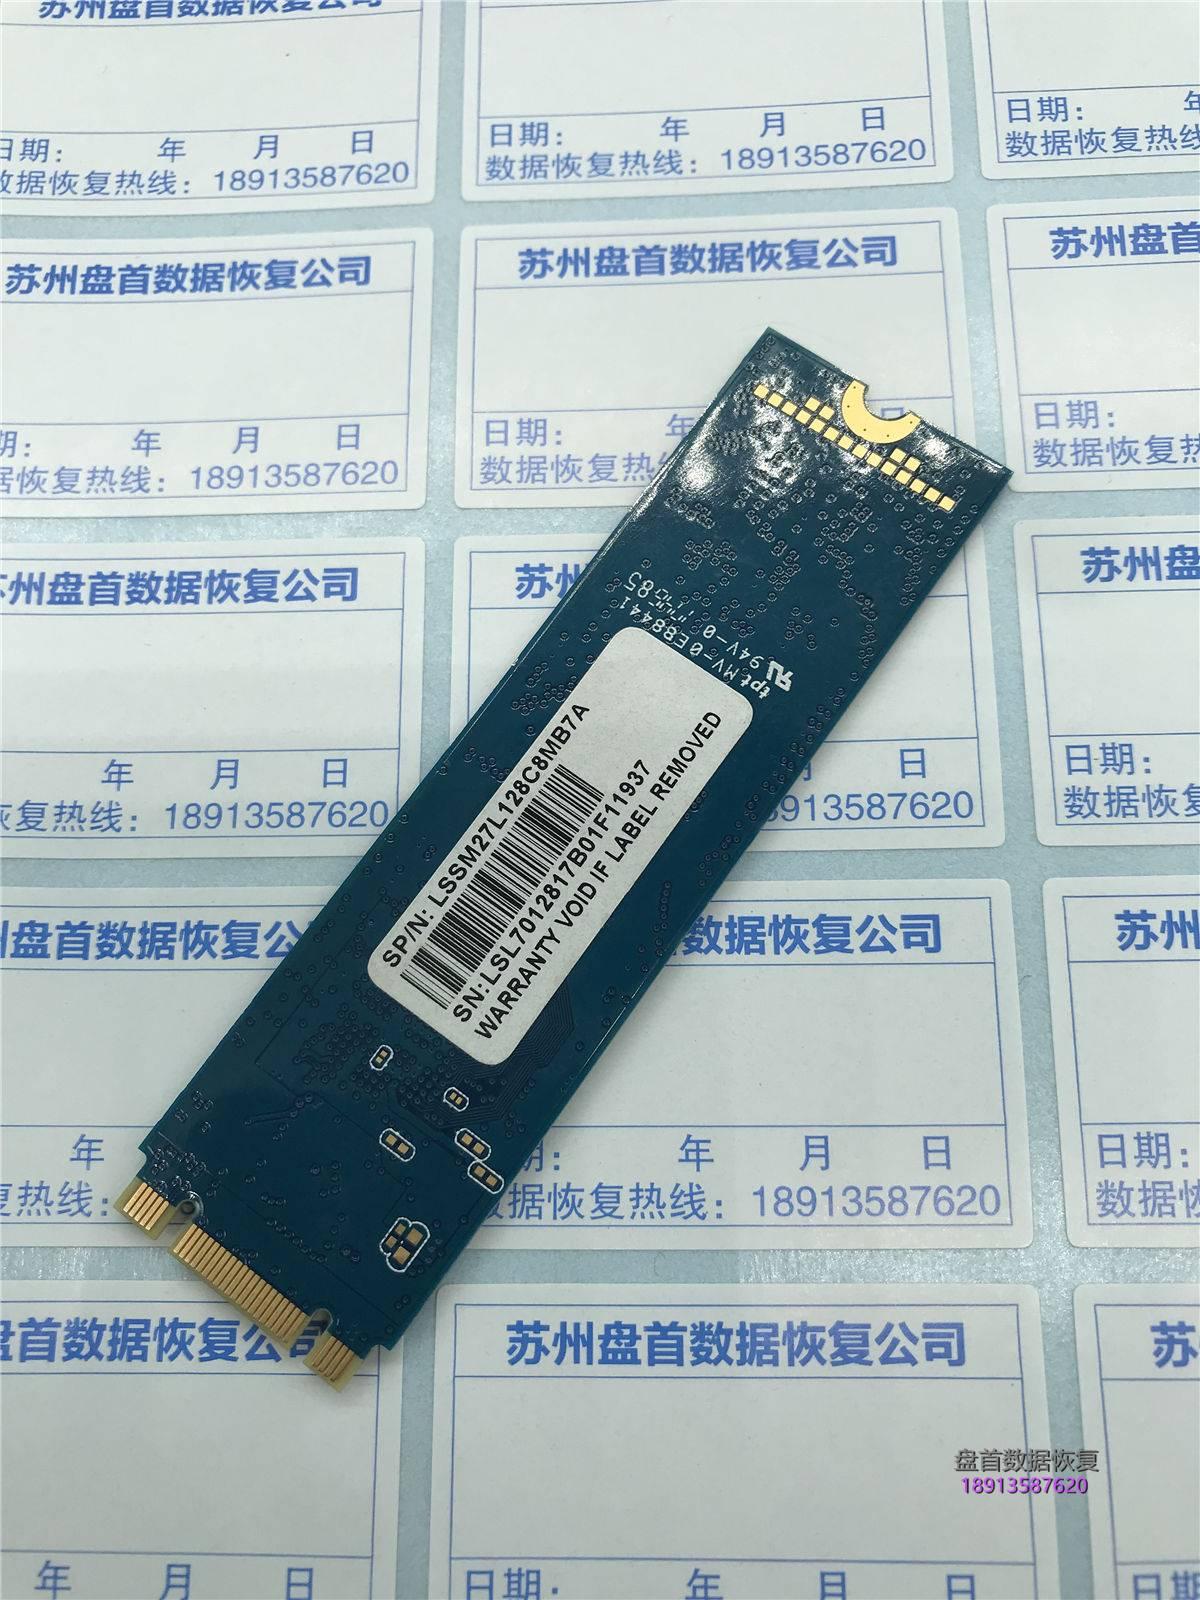 0-9 联想SL700掉盘变成SATAFIRM S11显示磁盘没有初始化使用PC3000修复SSD固态硬盘